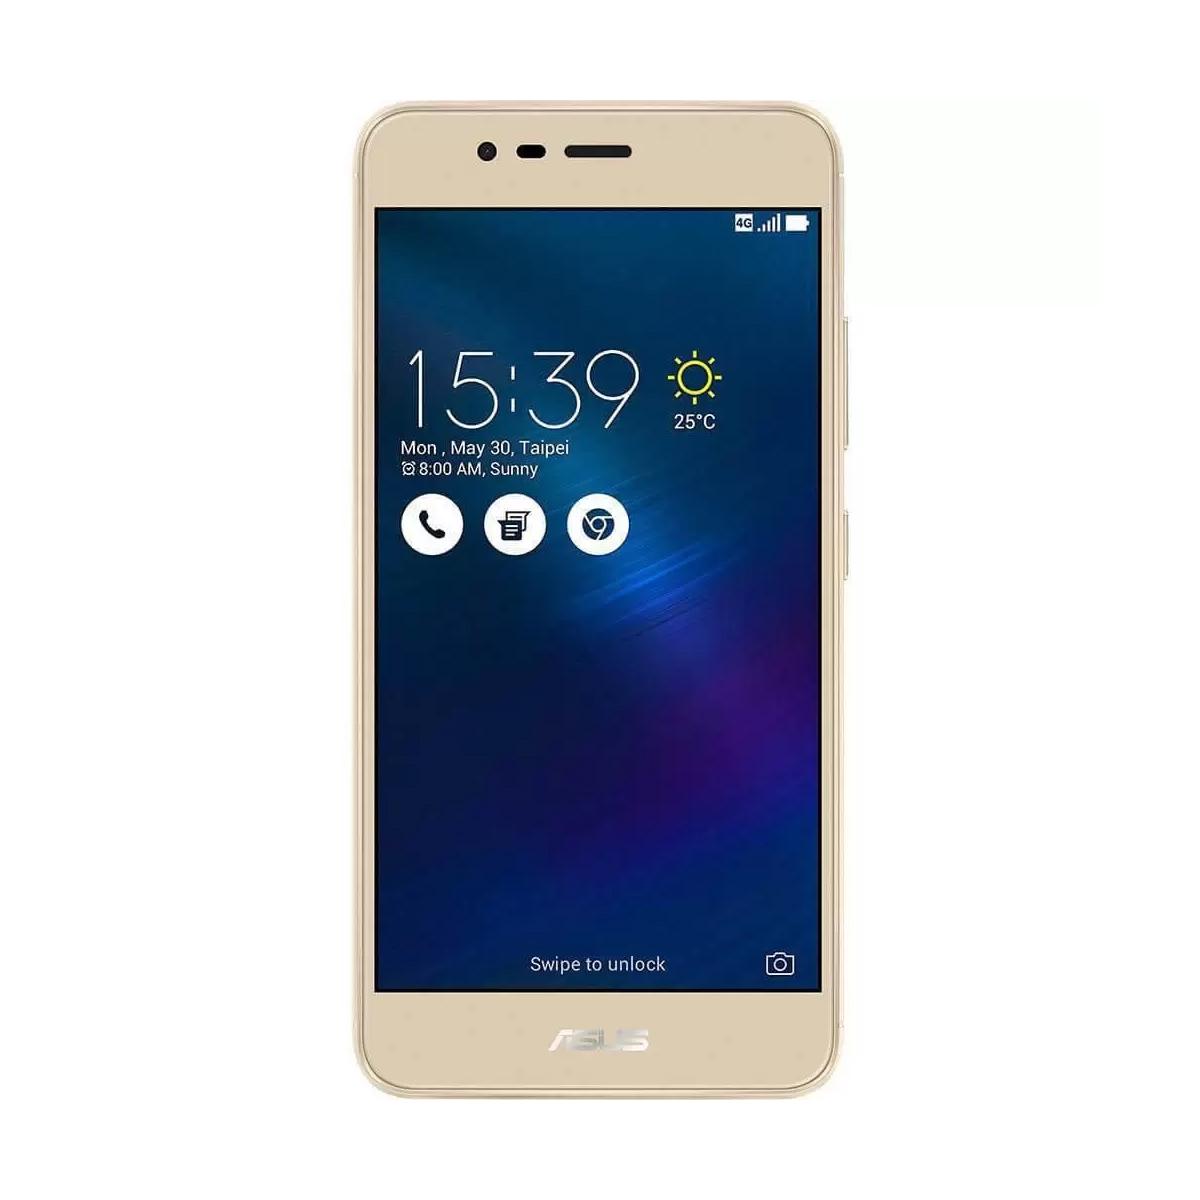 Asus Zenfone 3 Max ZC520 16GB Tela 5.2' 4G - Recondicionado